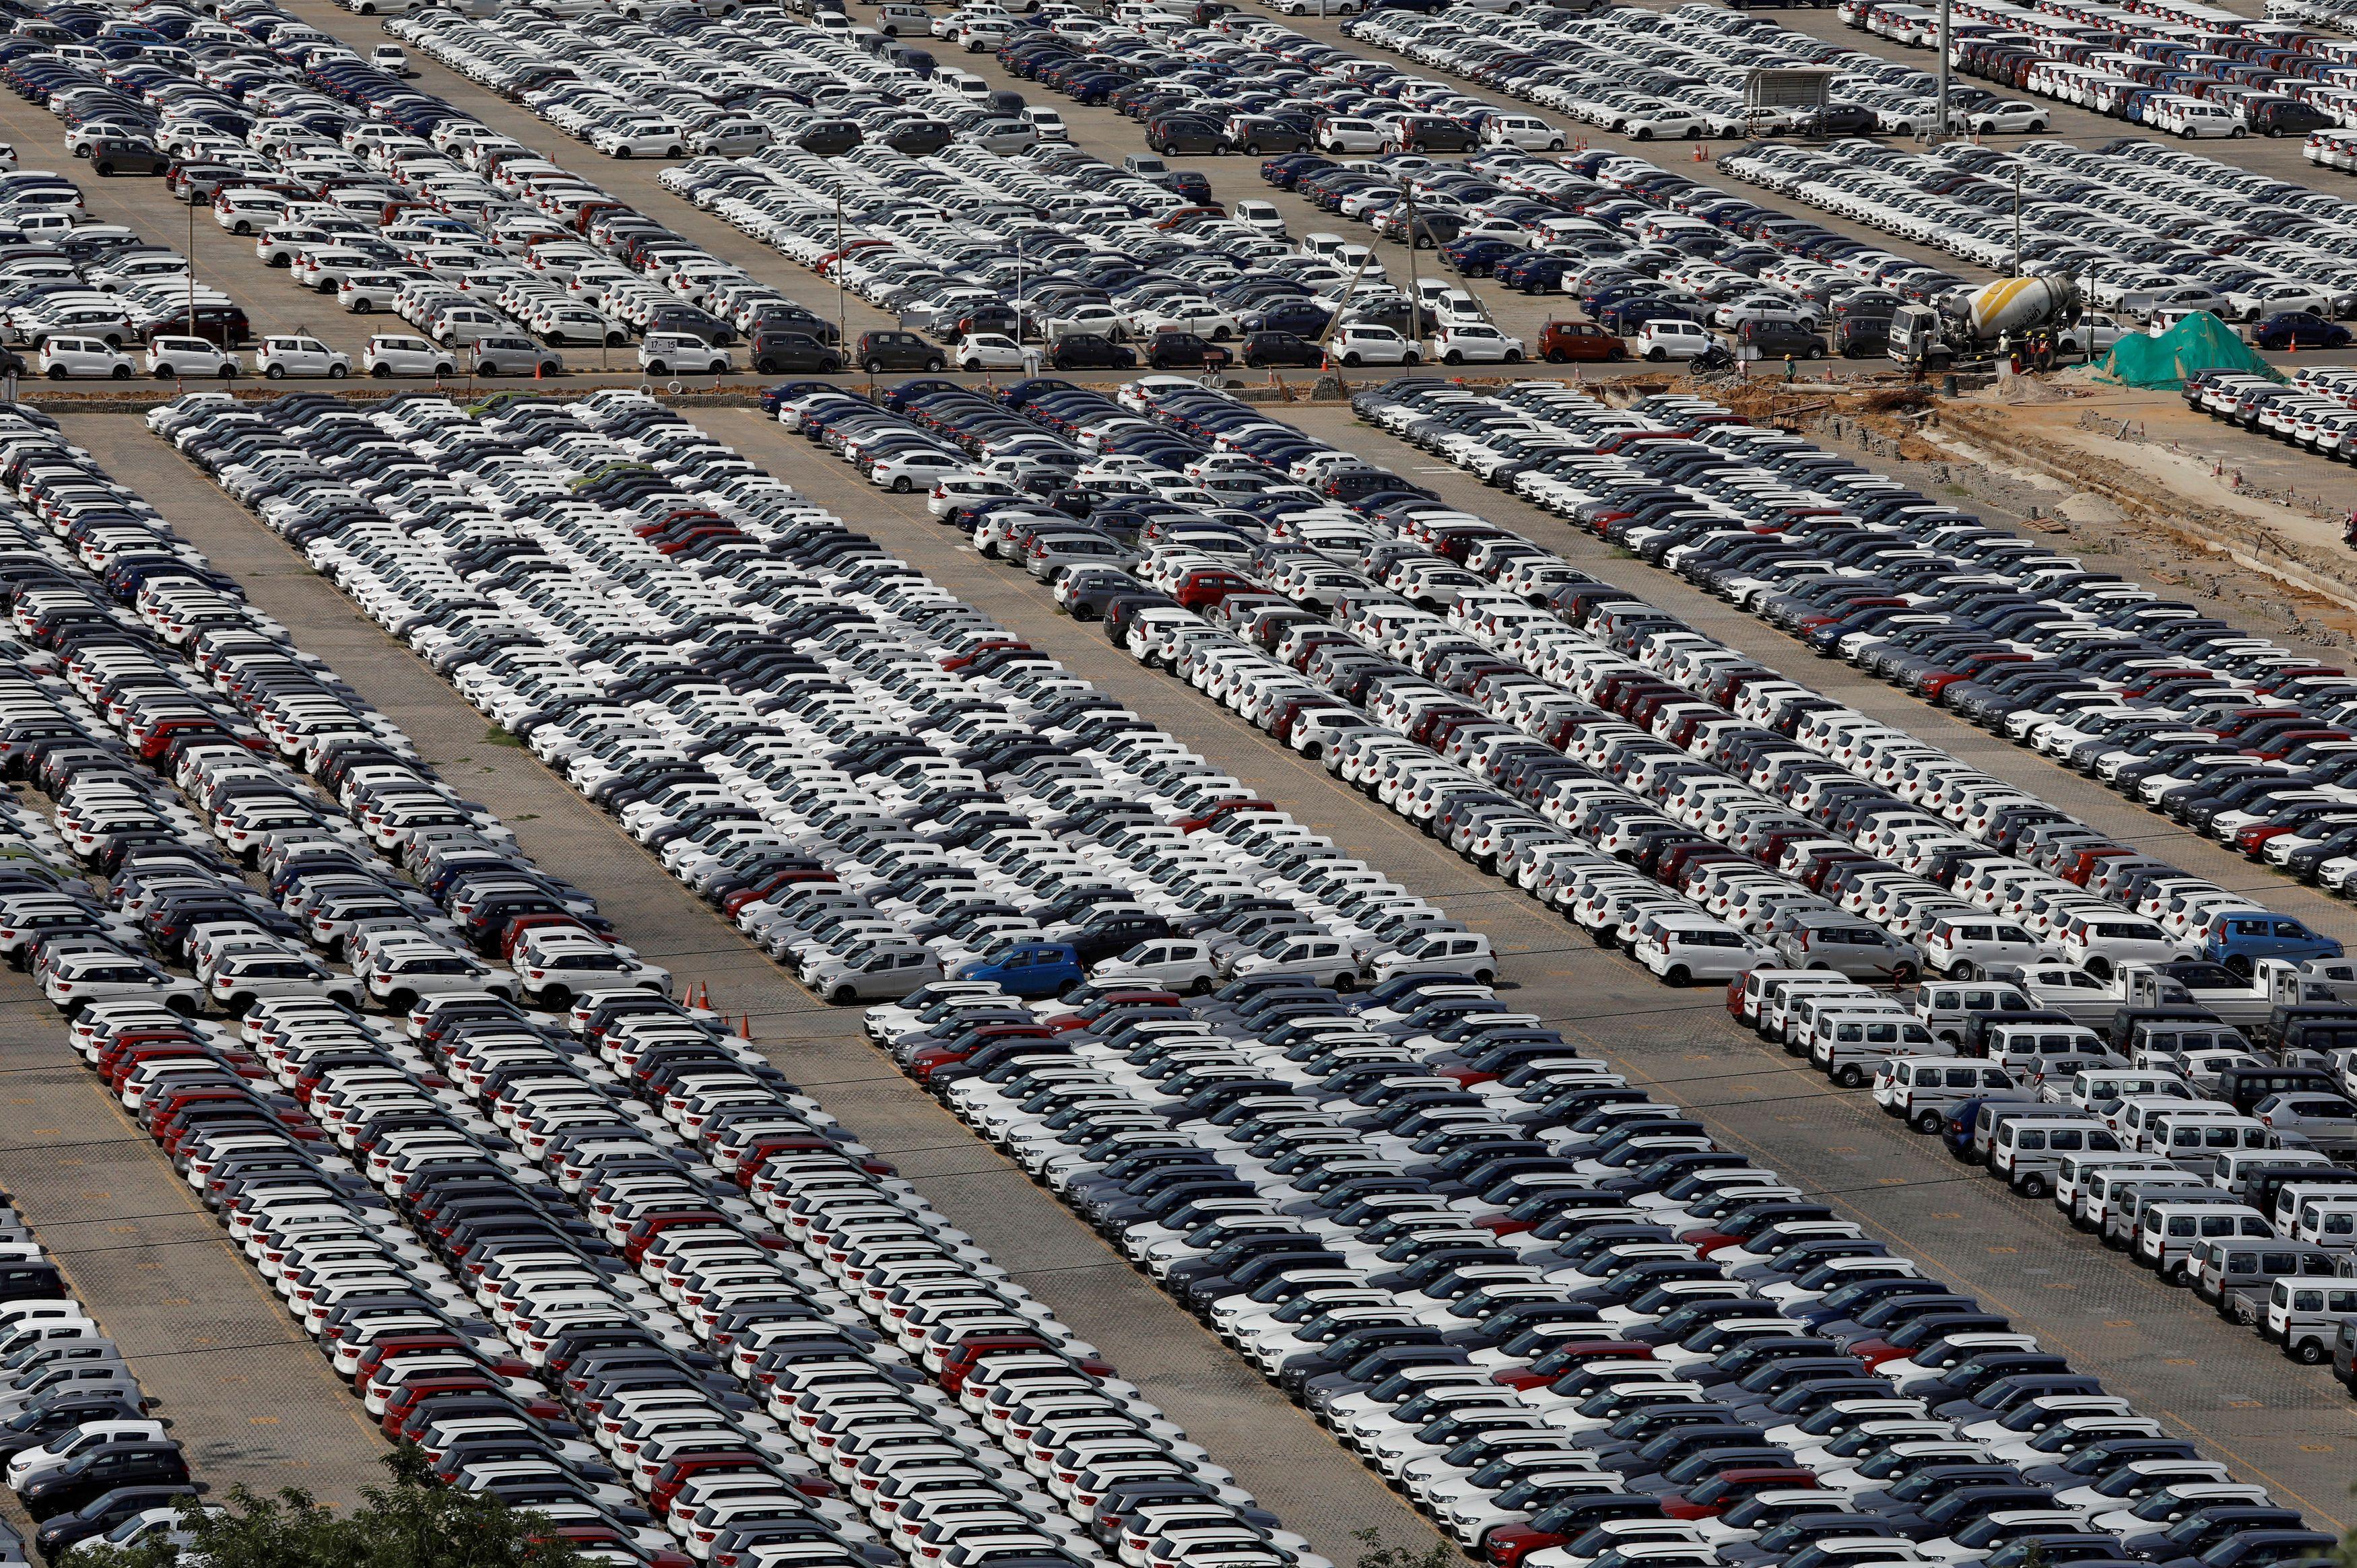 インドのマルチ・スズキのマネサール工場に並ぶ車=2019年8月(ロイター=共同)